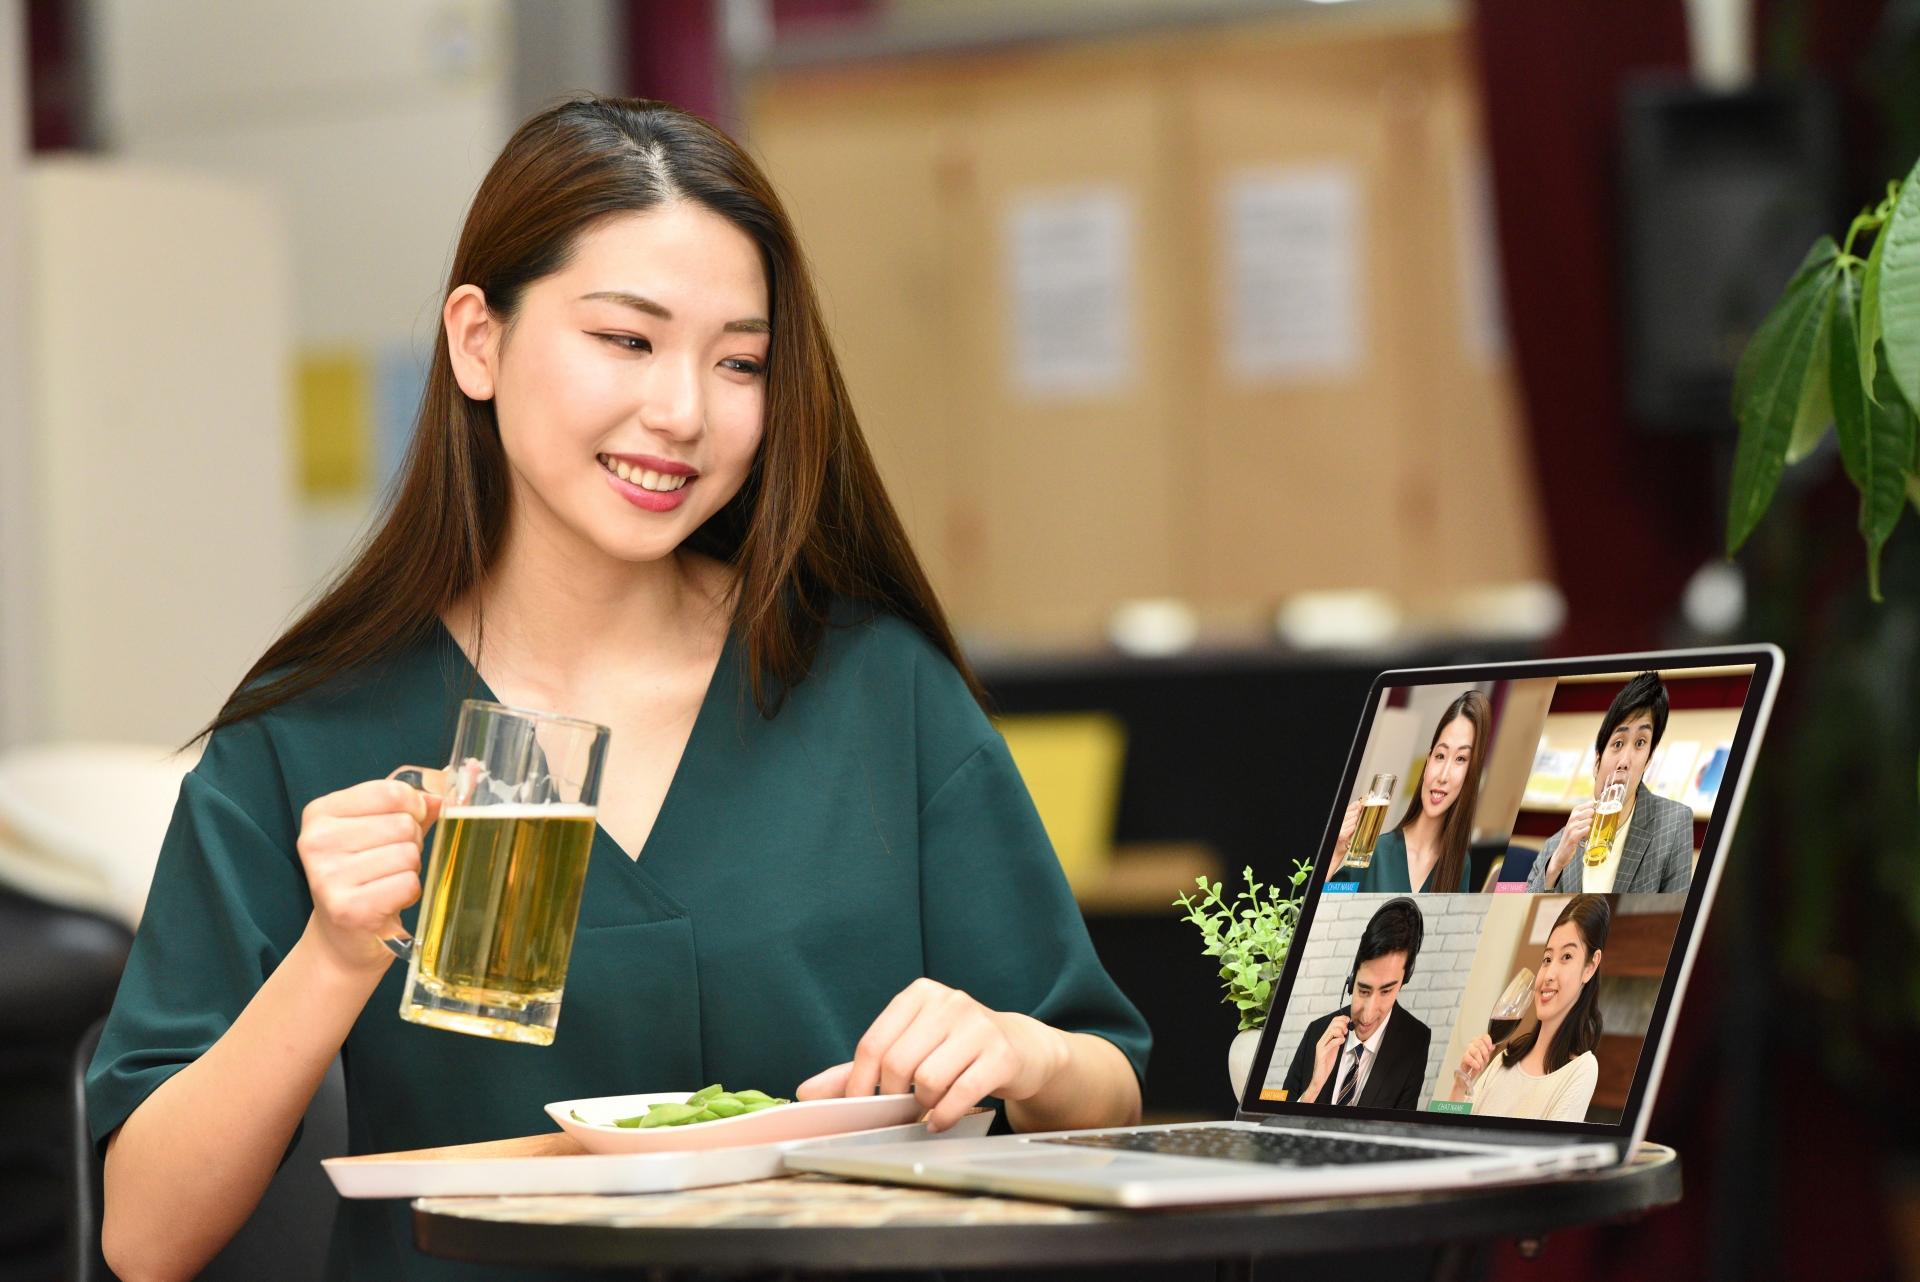 移動販売協会オンライン飲み会提案